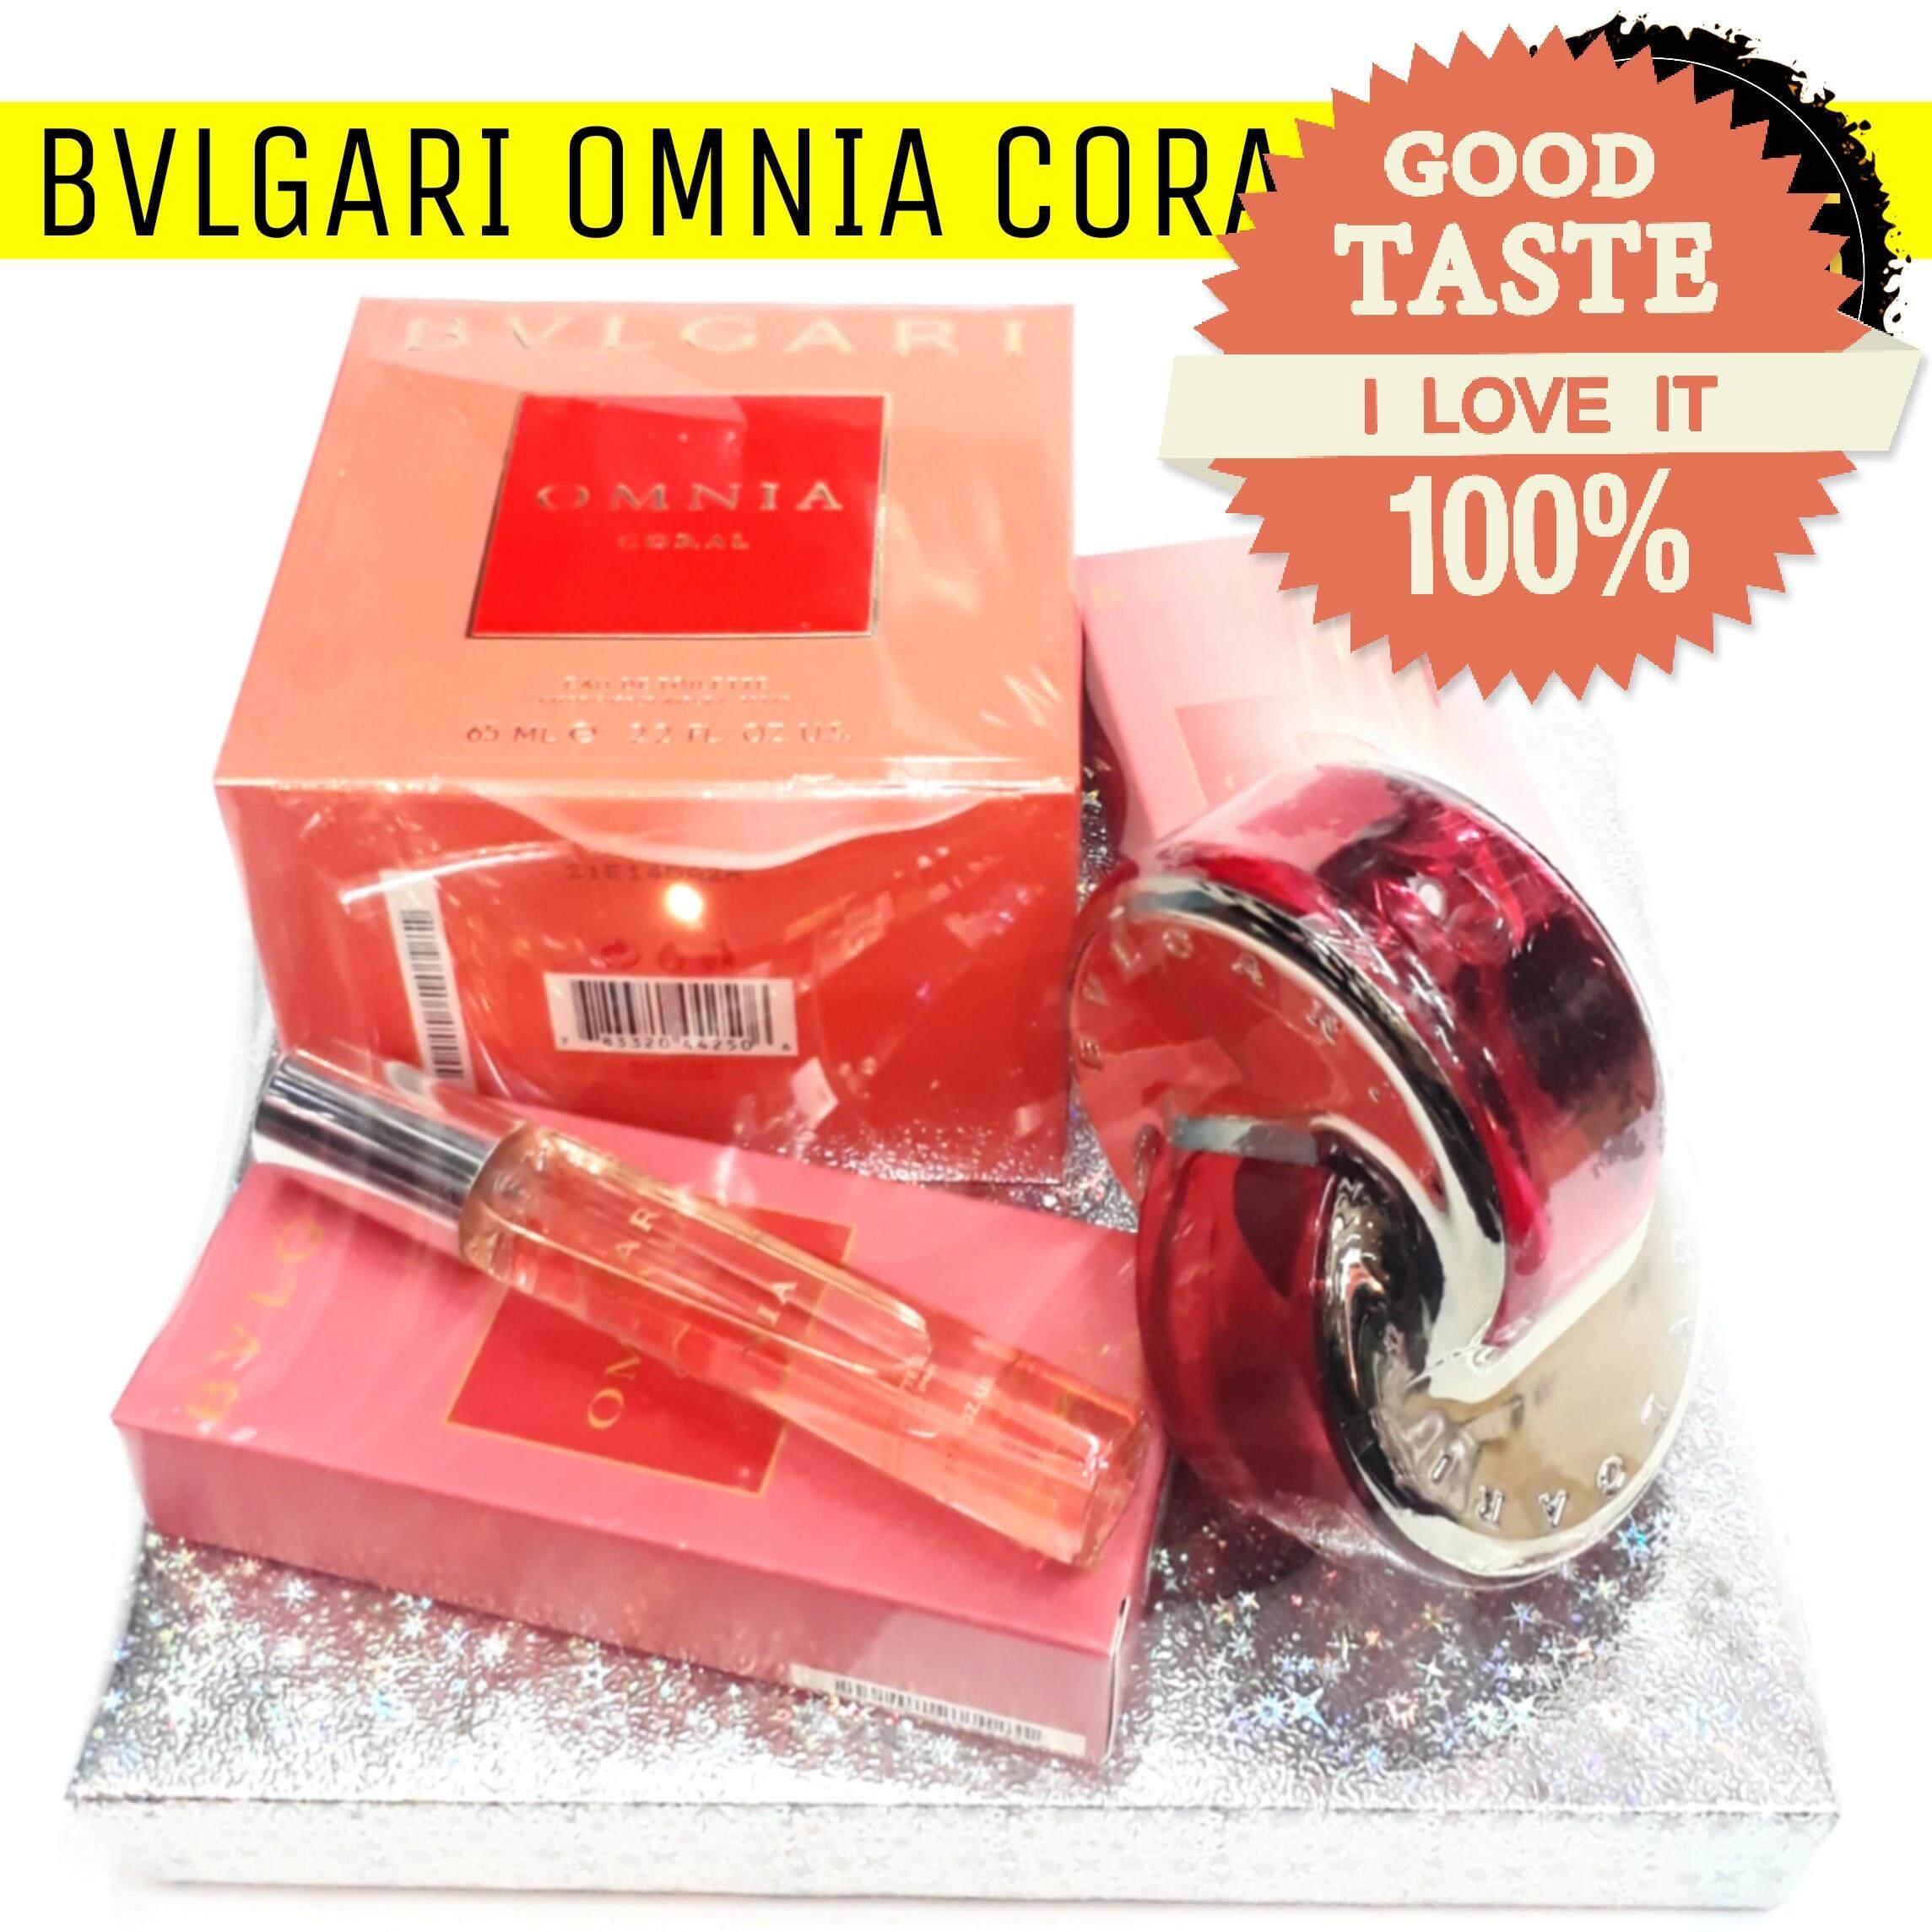 Bvlgari omnia Coral EDT Perfume Gift Set